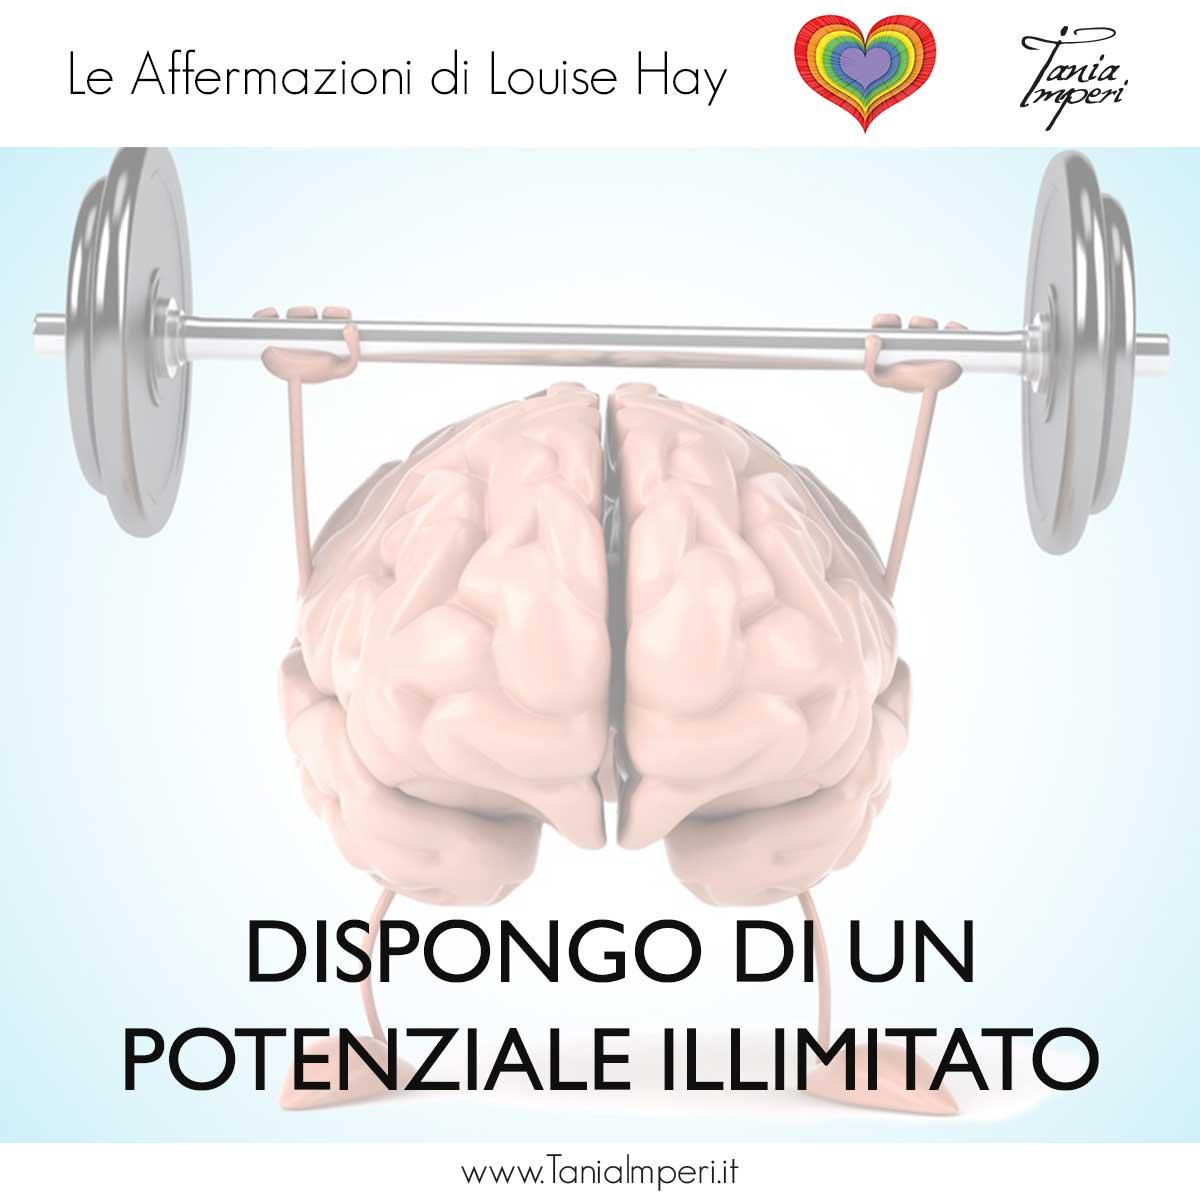 AFFERMAZIONI_LOUISE_HAY_TANIA_IMPERI_22_POTENZIALE_ILLIMITATO-29MAG2017